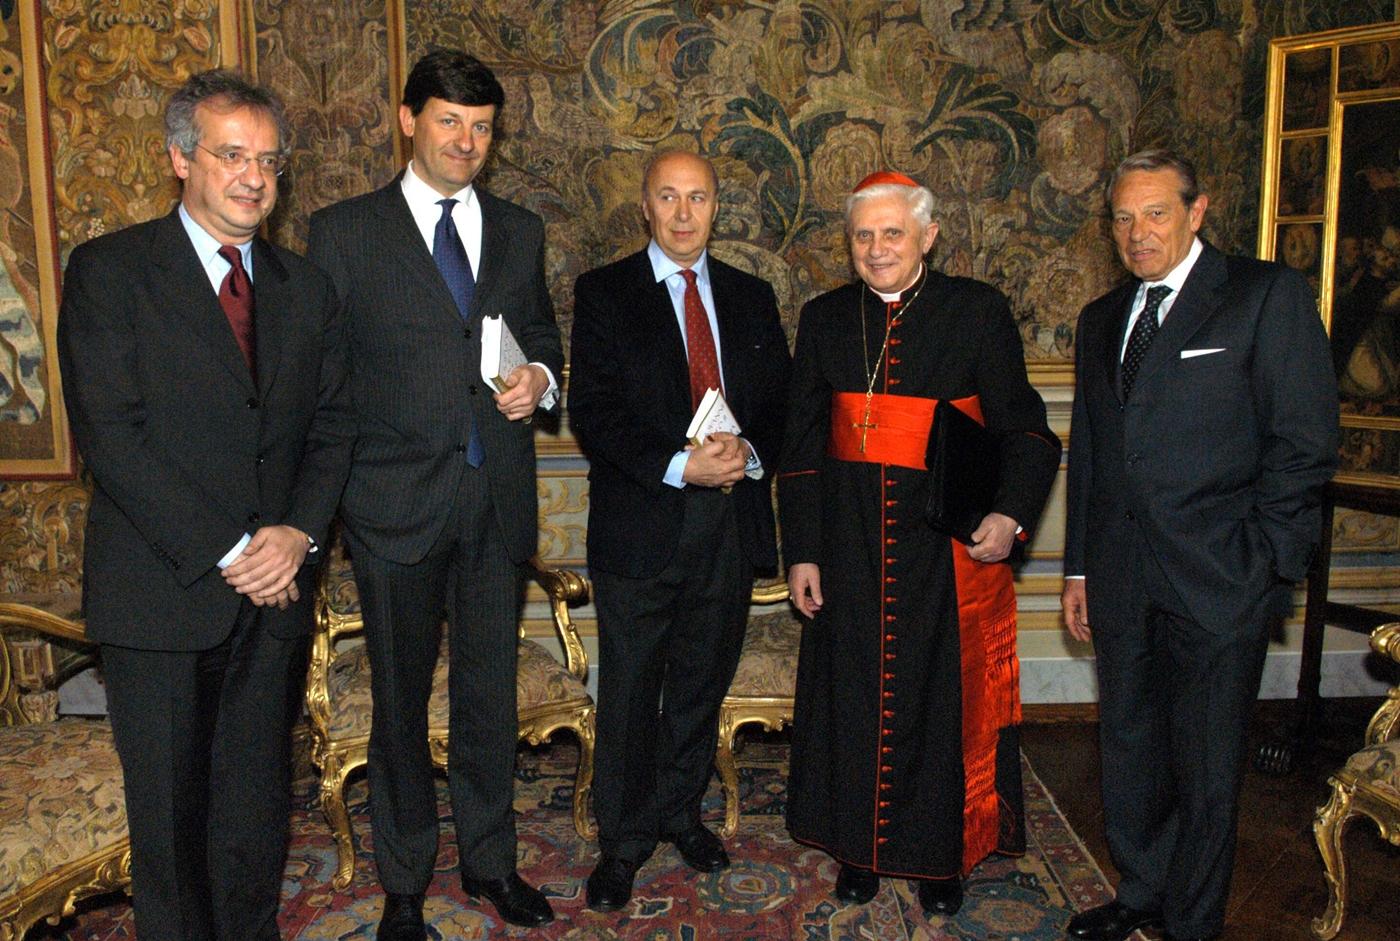 Walter Veltroni, Vittorio Colao, Paolo Mieli, Joseph Ratzinger, Joaquin Navarro Valls (2005)